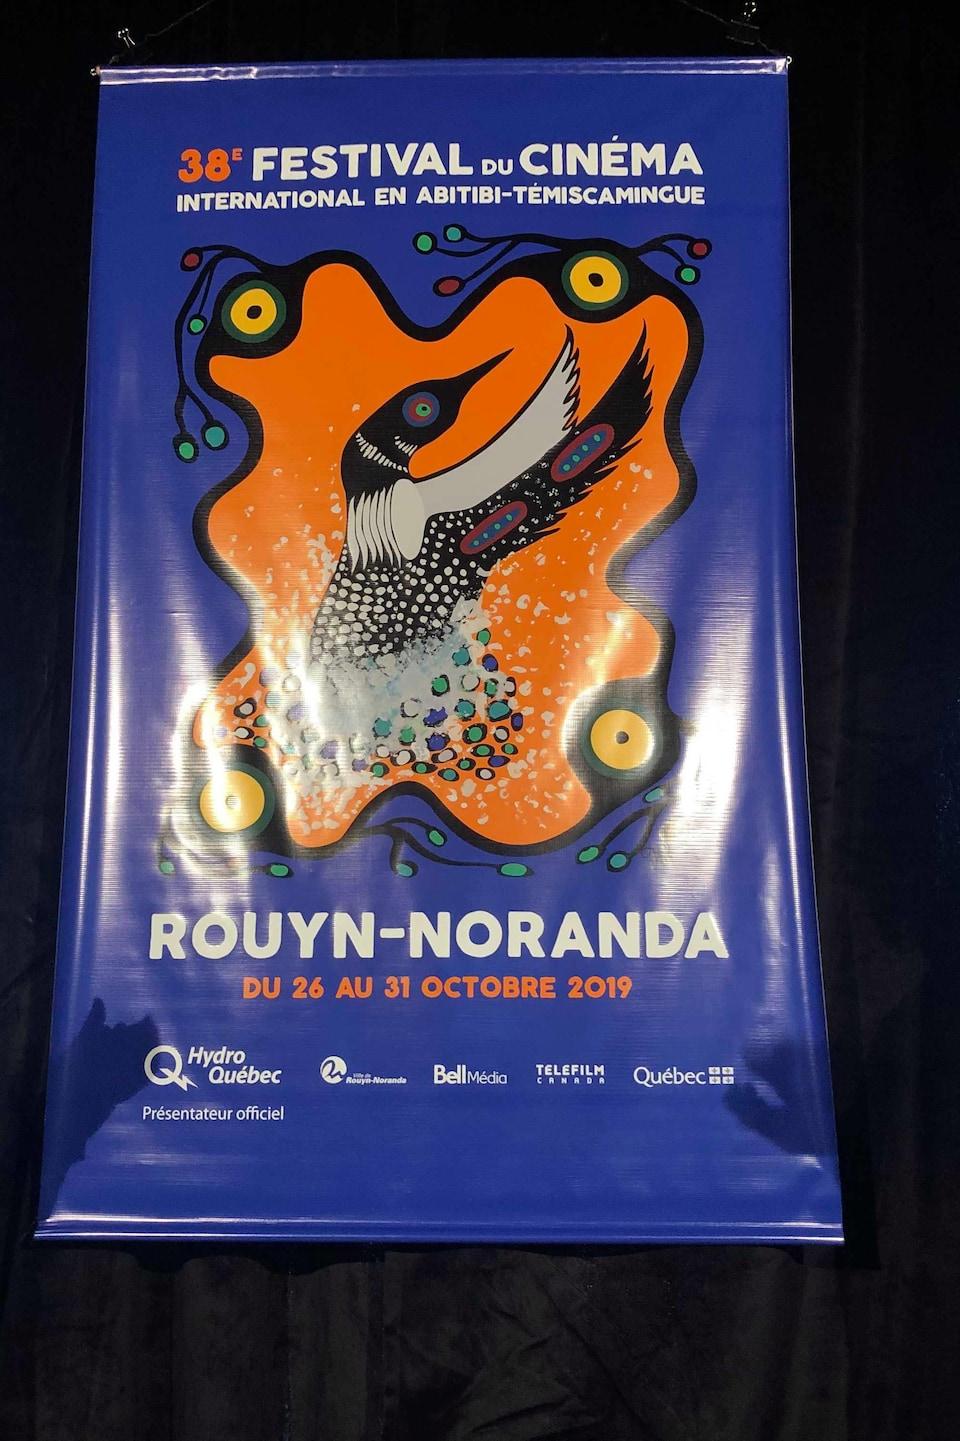 Une affiche aux couleurs vives montre un huard dans la tradition autochtone. L'affiche indique 38e Festival du cinéma international en Abitibi-Témiscamingue.